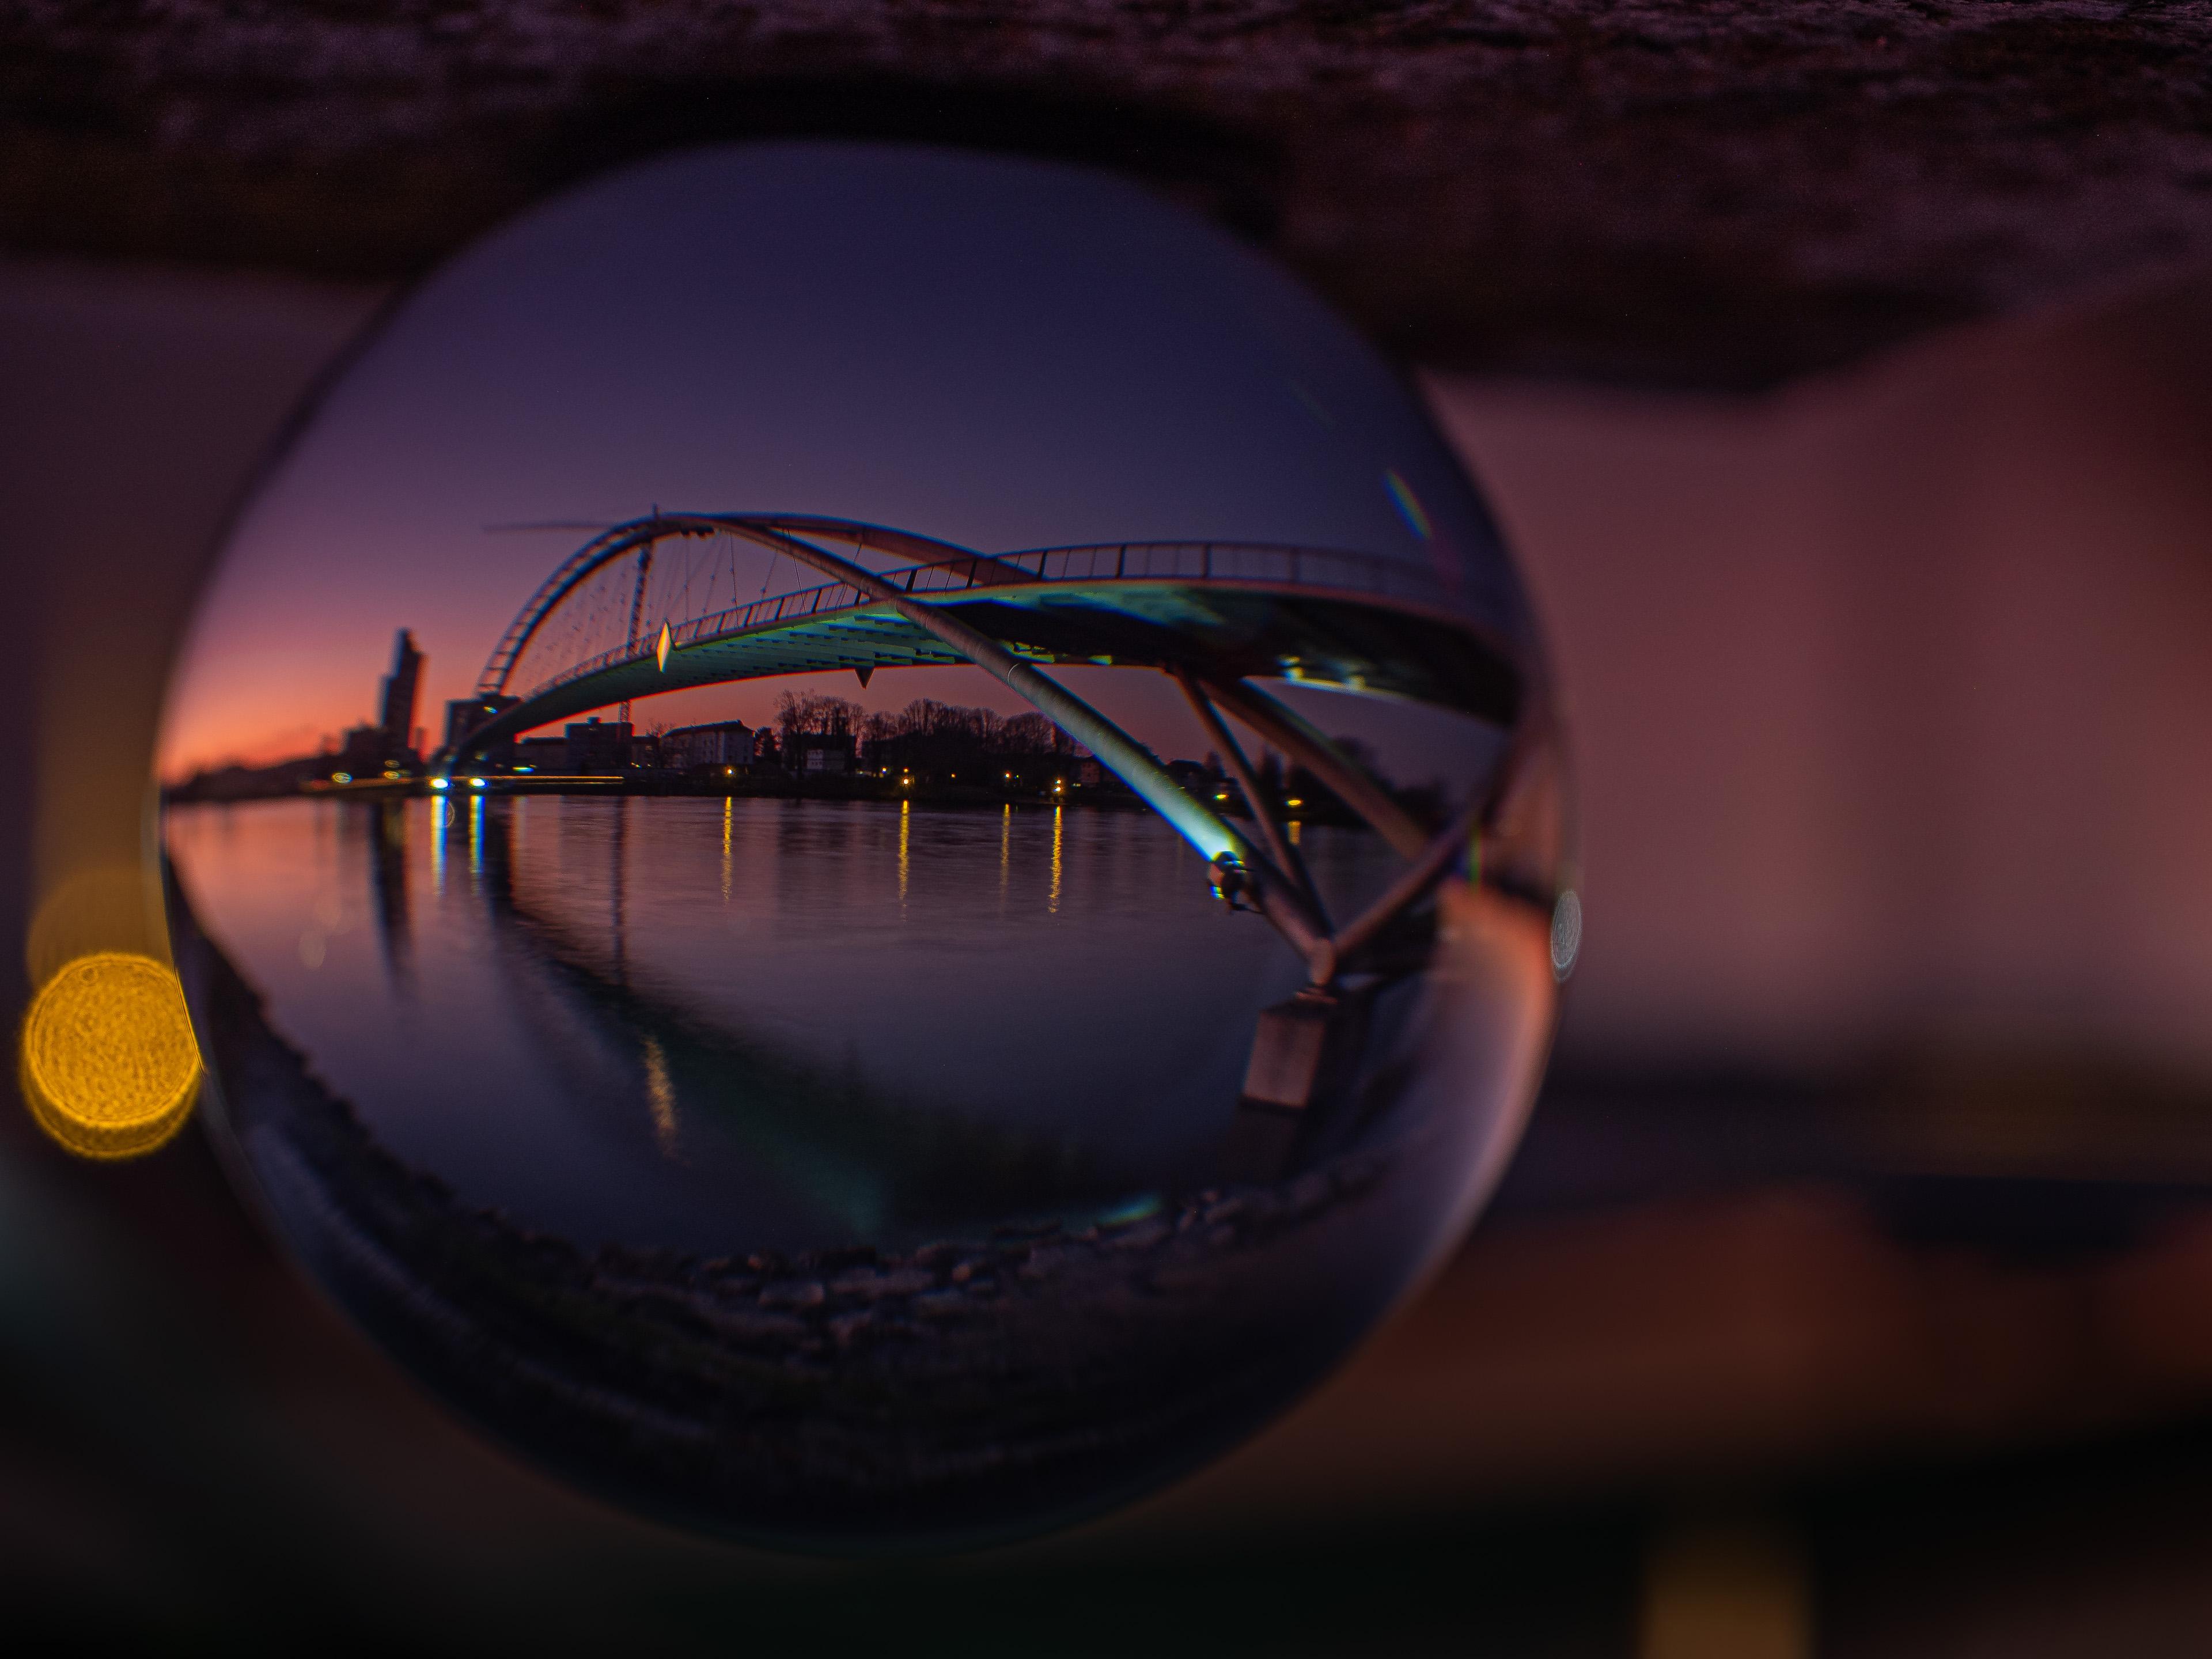 Sonnenuntergang an der Dreiländerbrücke durch die Glaskugel